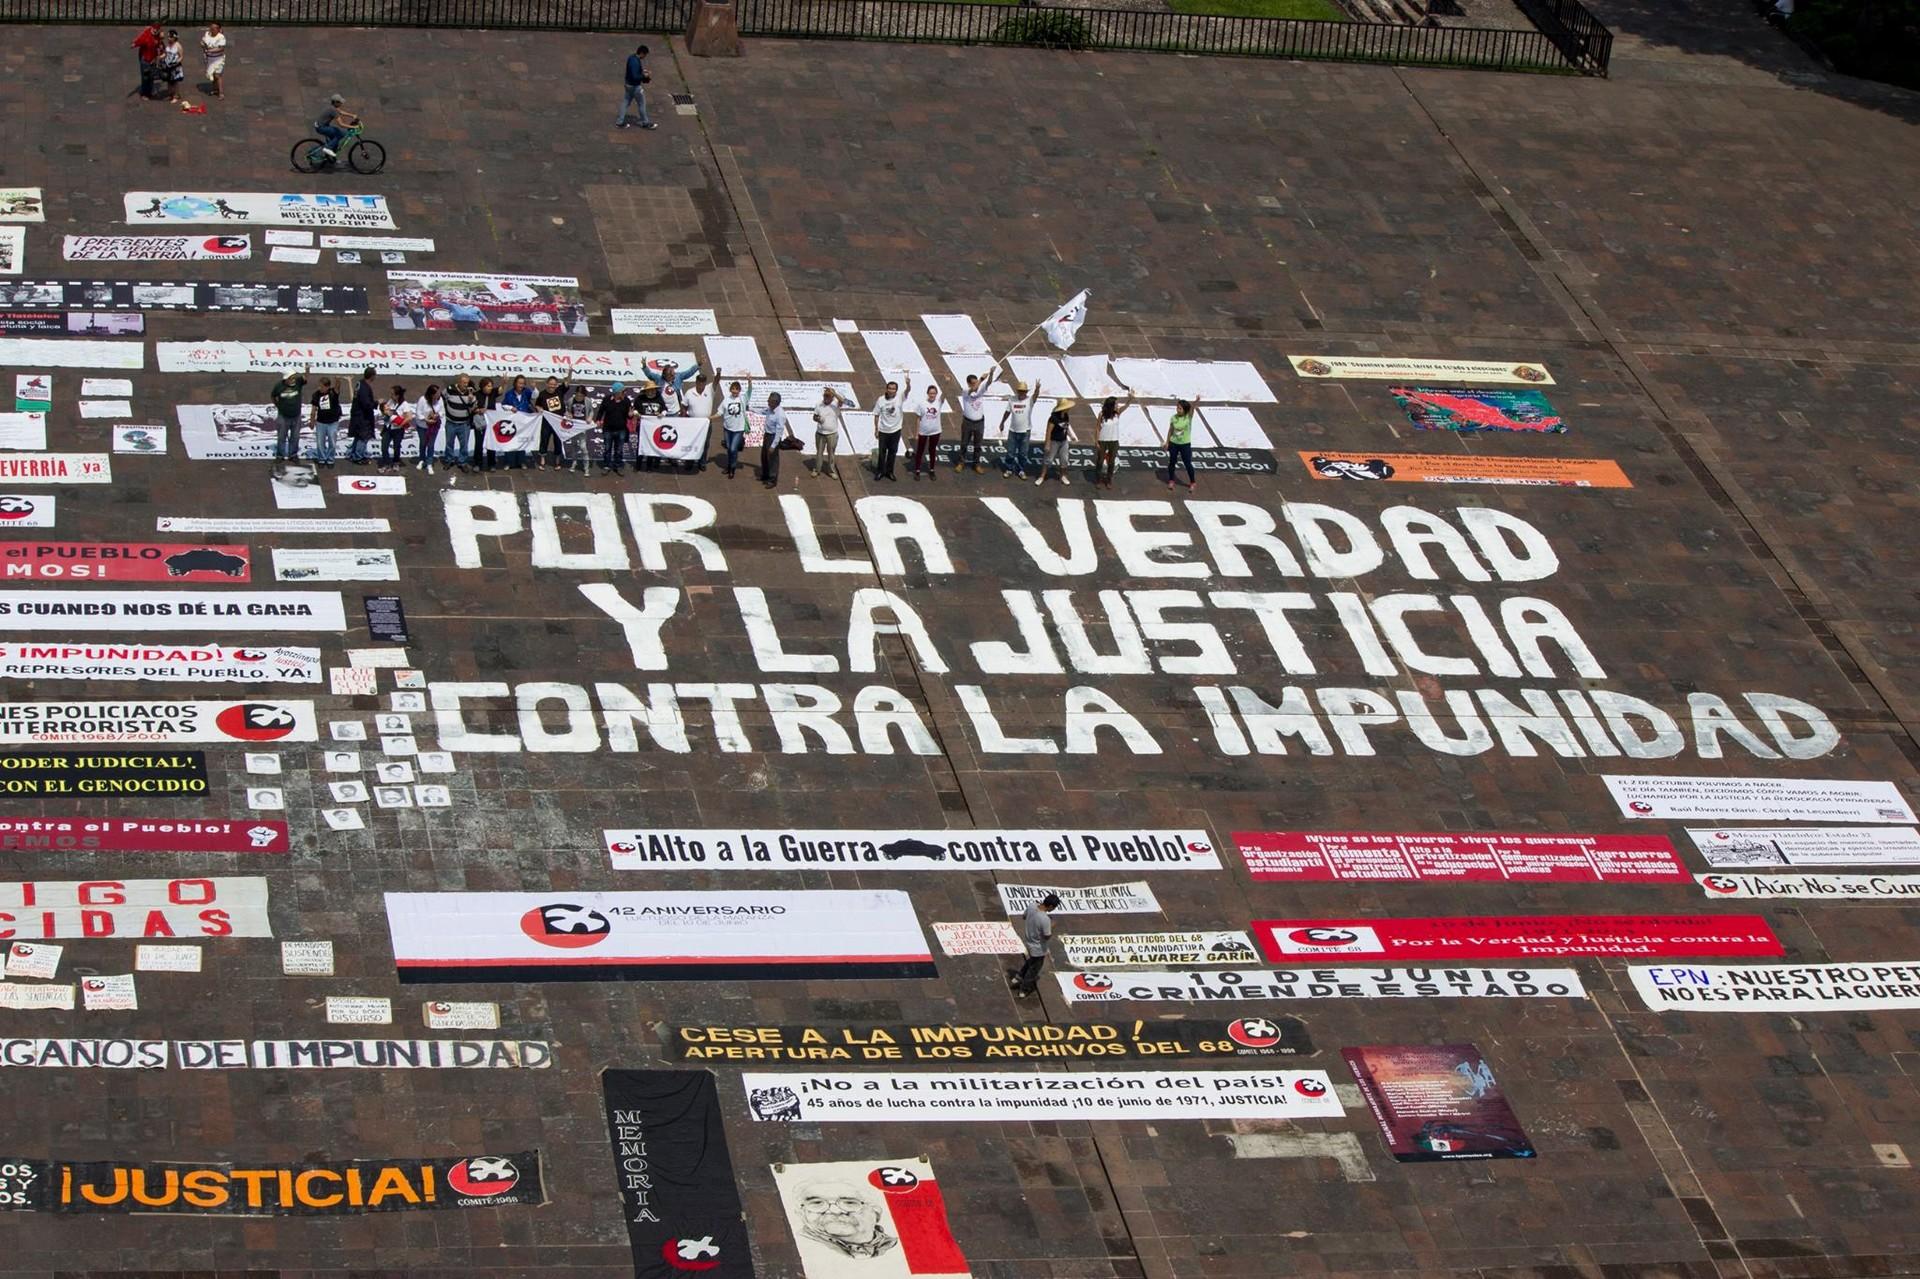 Actividad en la Plaza de las Tres Culturas para conmemorar la masacre estudiantil de 1968